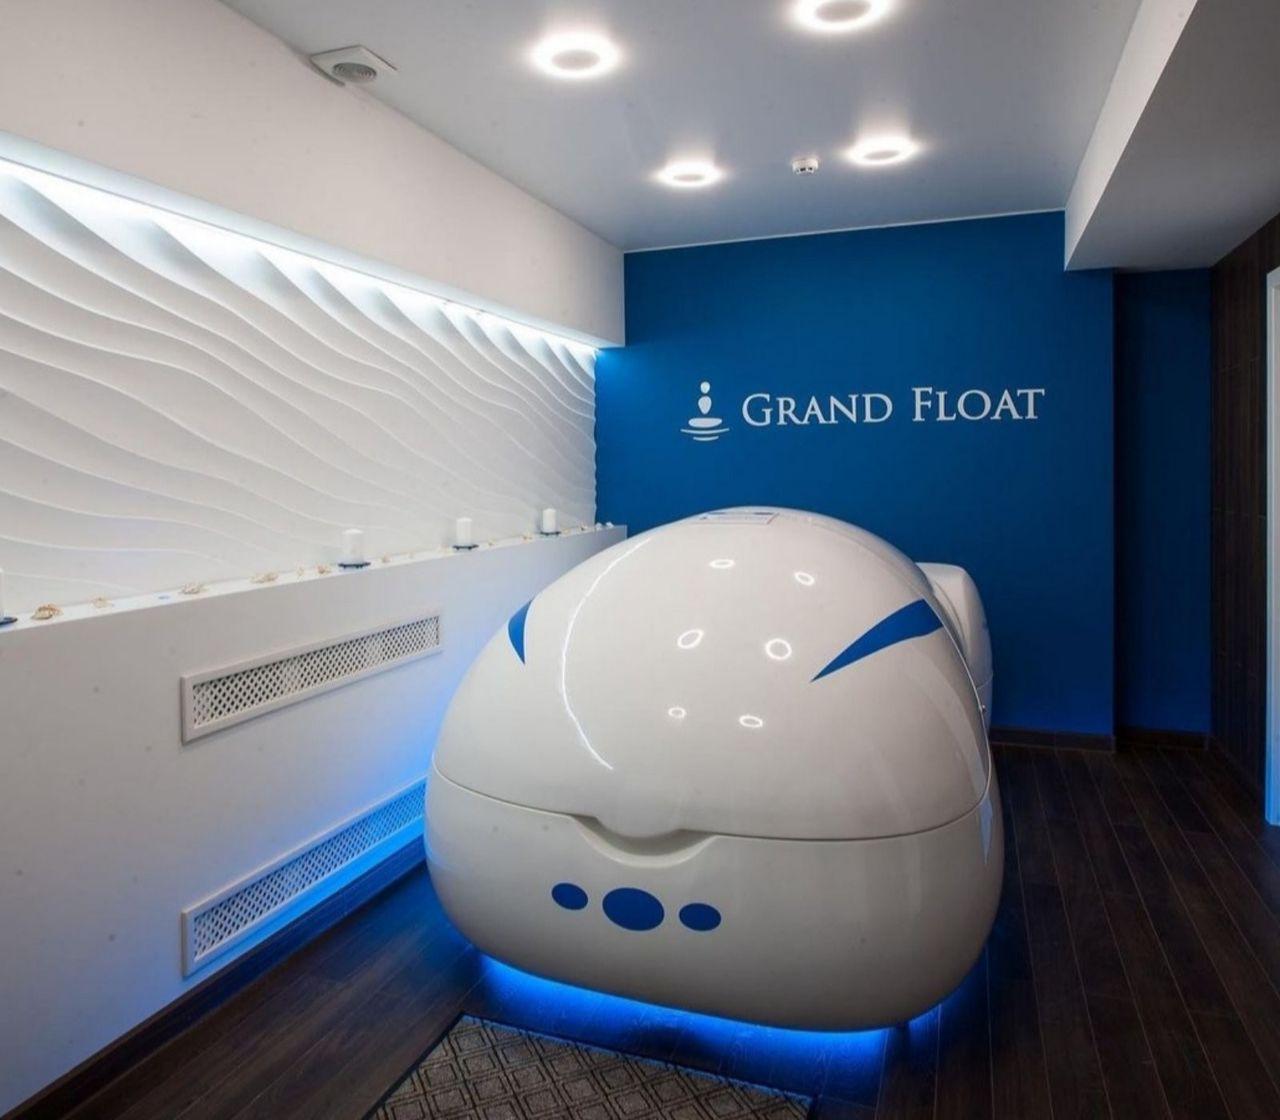 Grand Float: Descoperă Floatingul - tratamentul de ameliorare a stresului Ⓟ